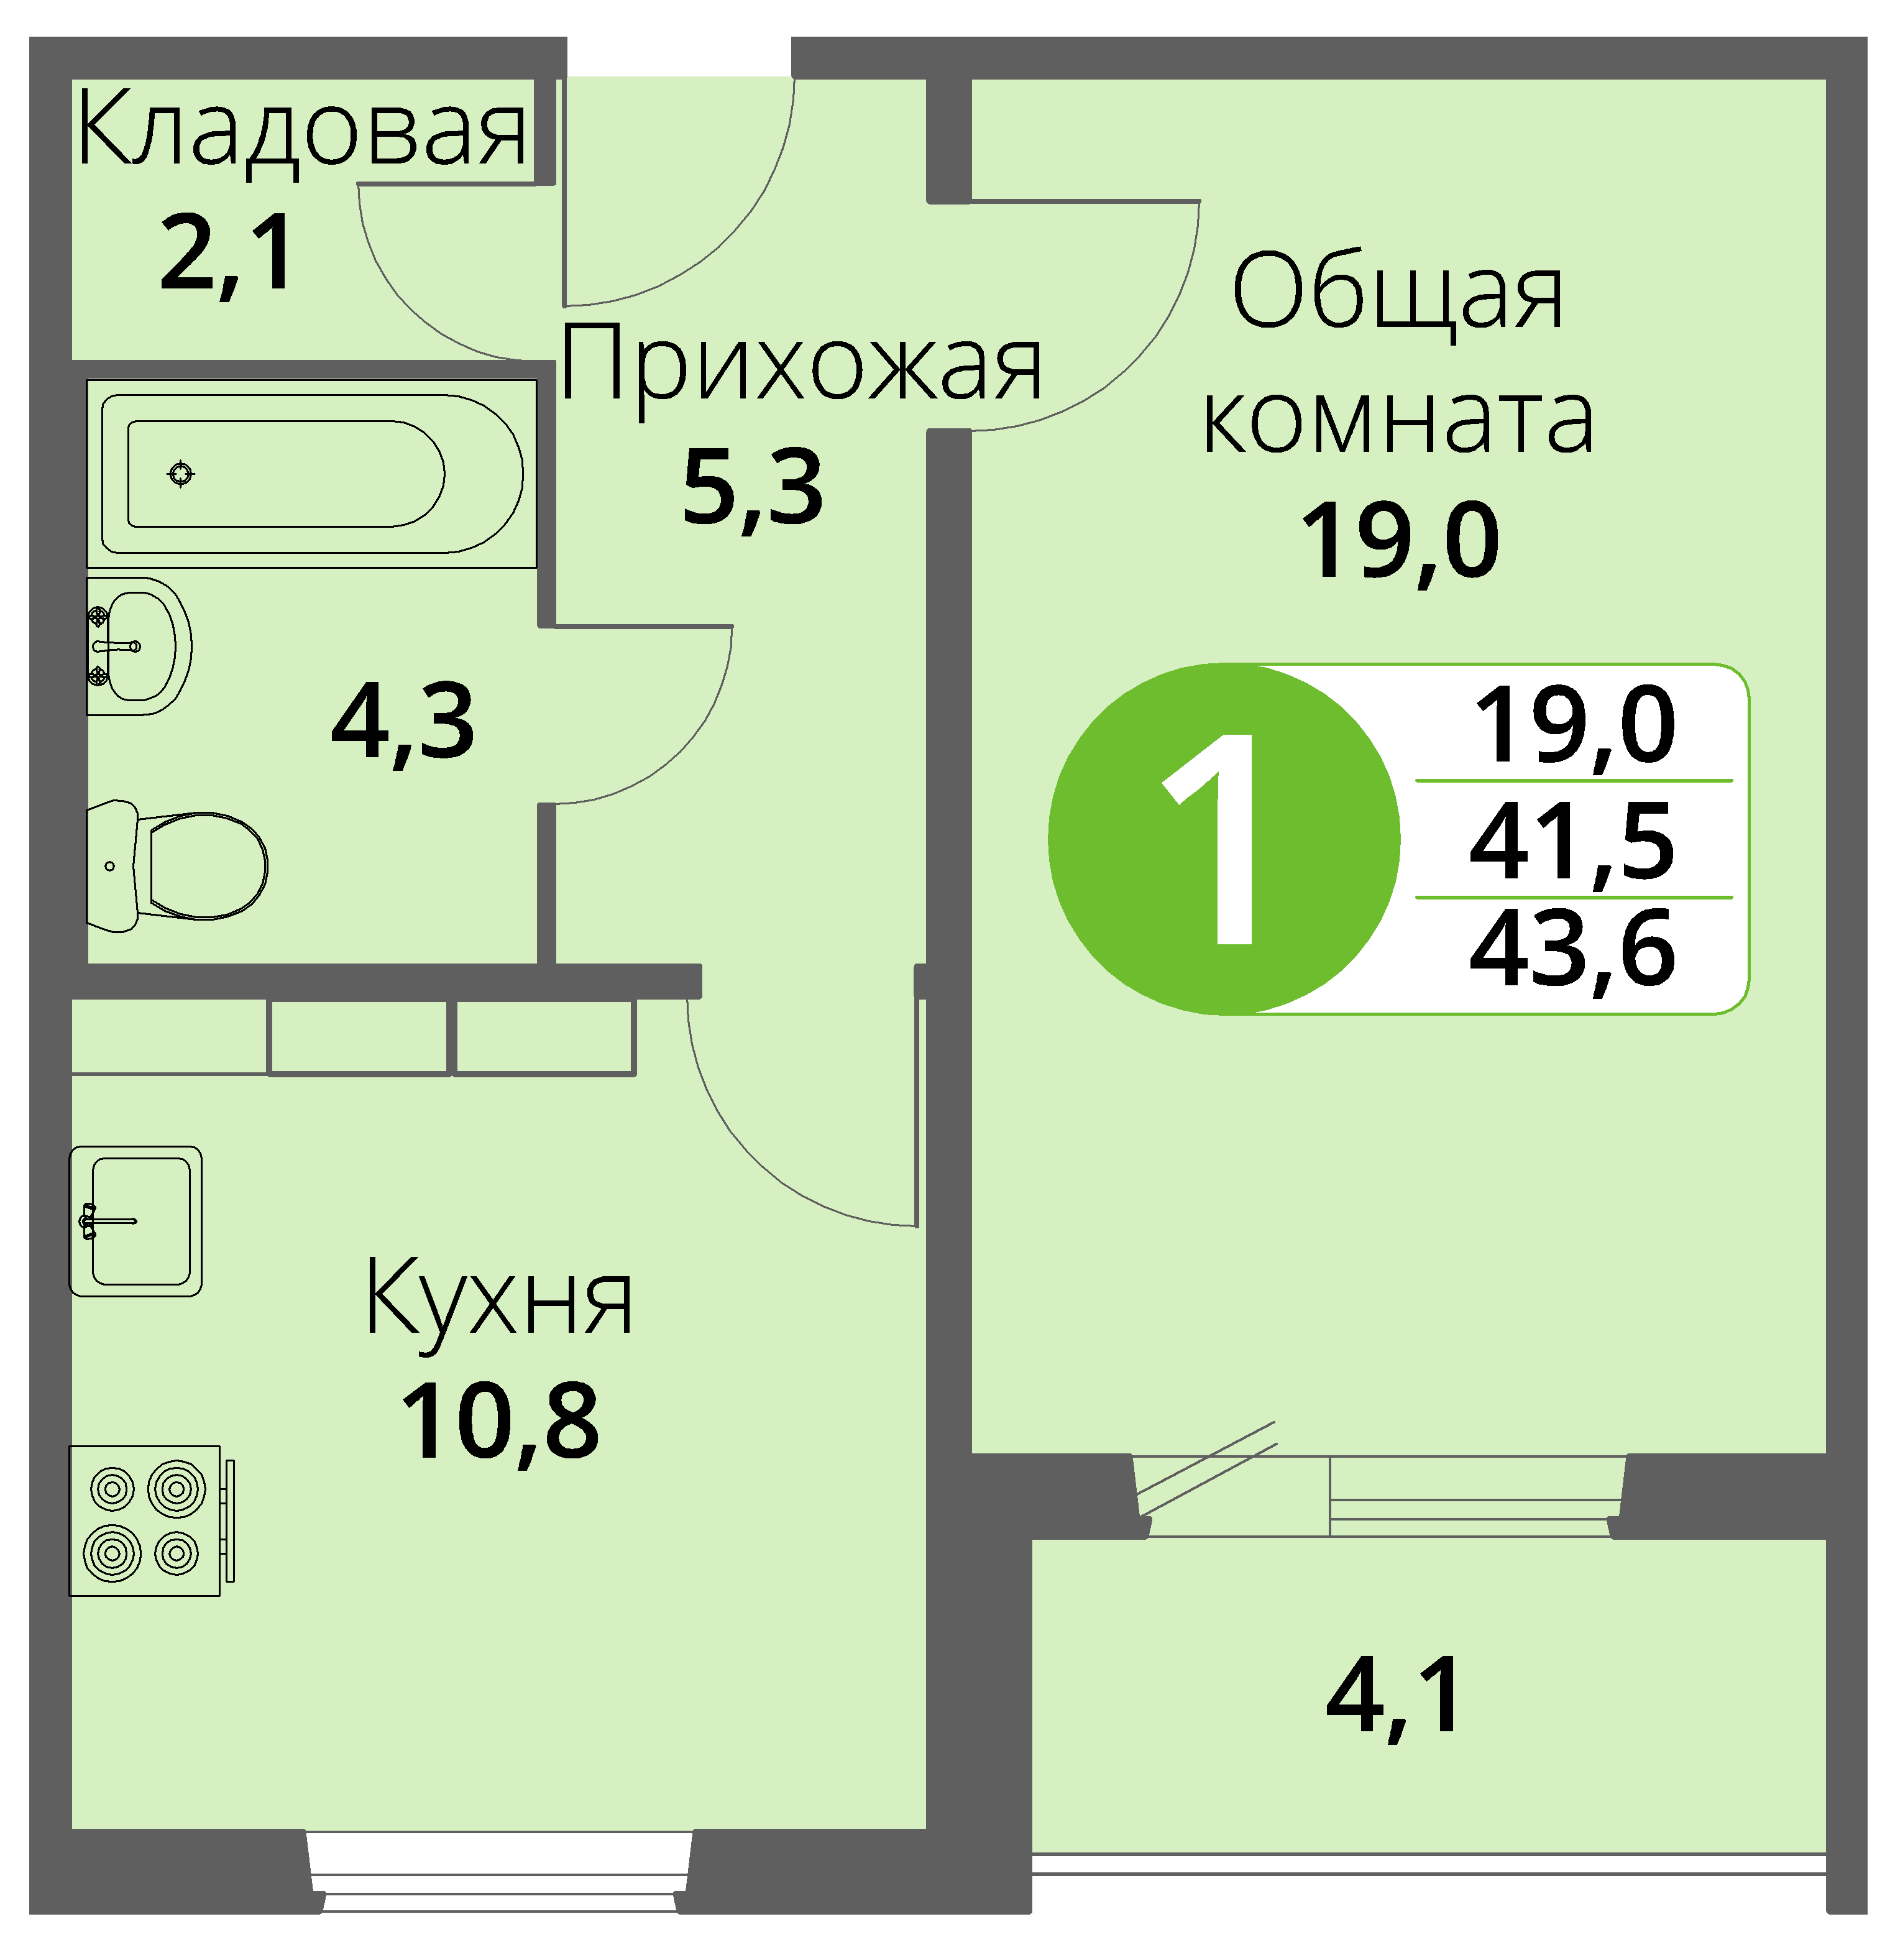 Зареченская 1-1, квартира 97 - Однокомнатная